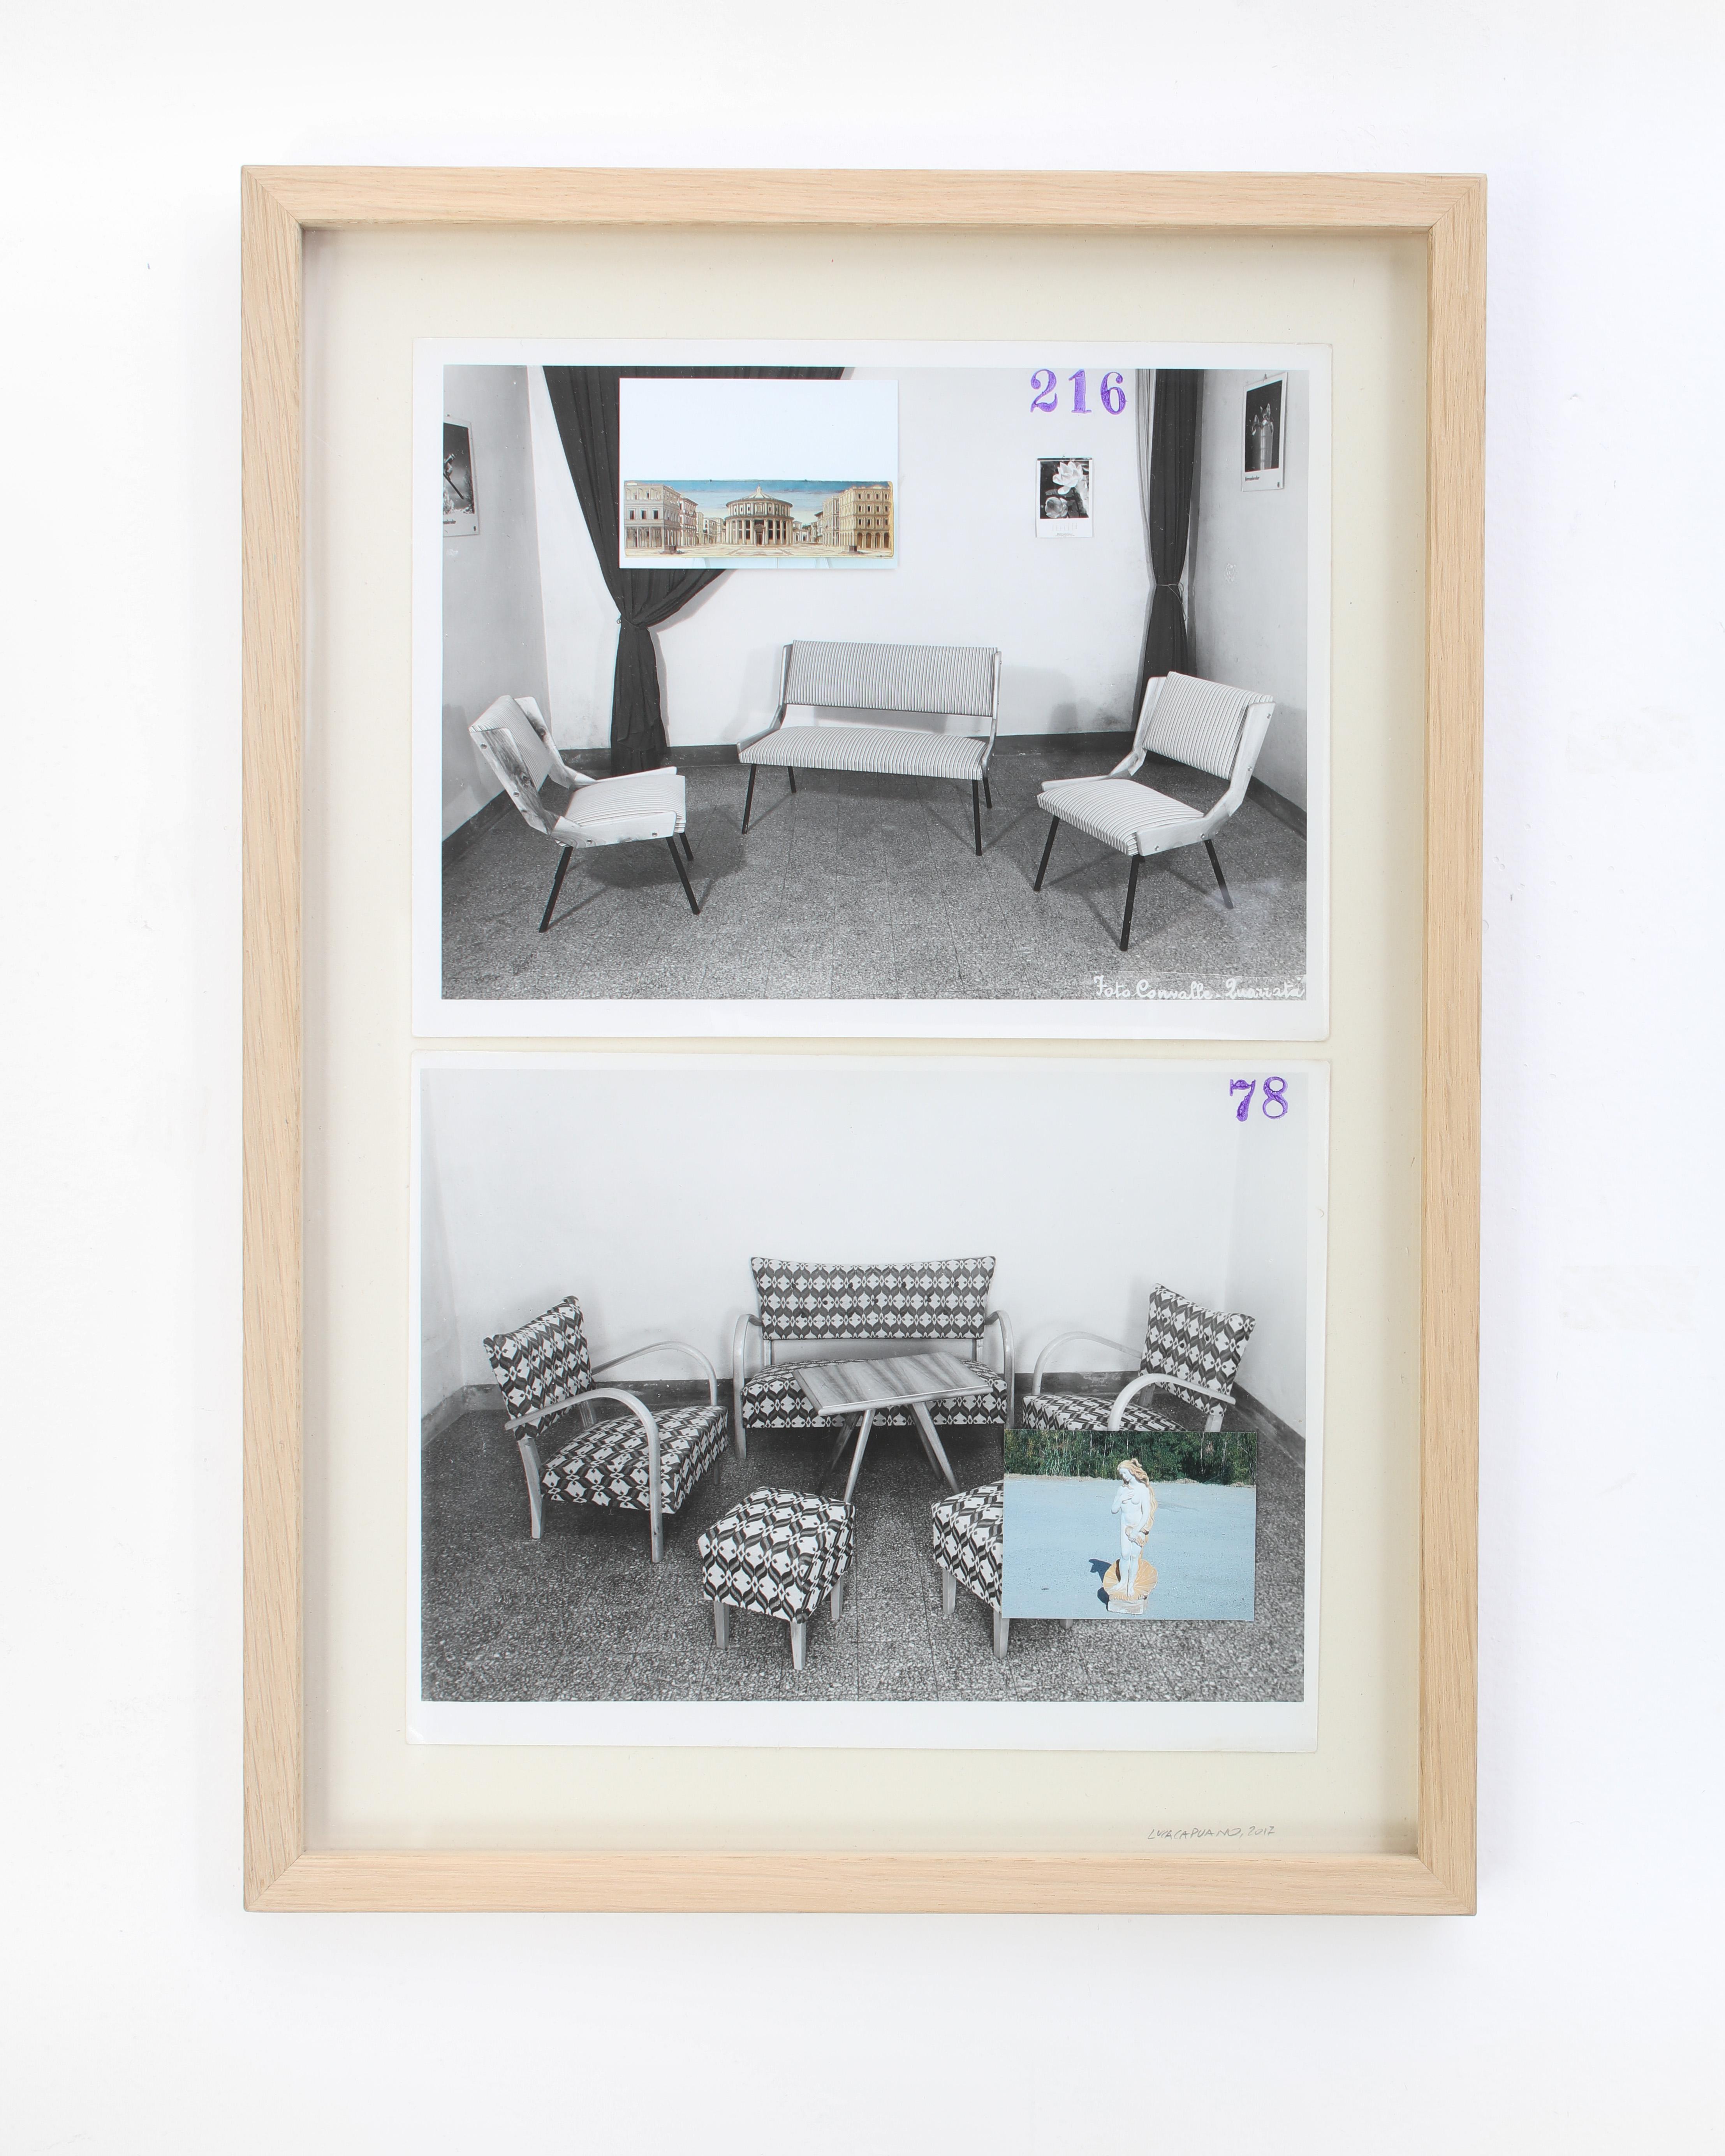 Stampa fotografica con inserti, 30 x 45 cm, tiratura unica